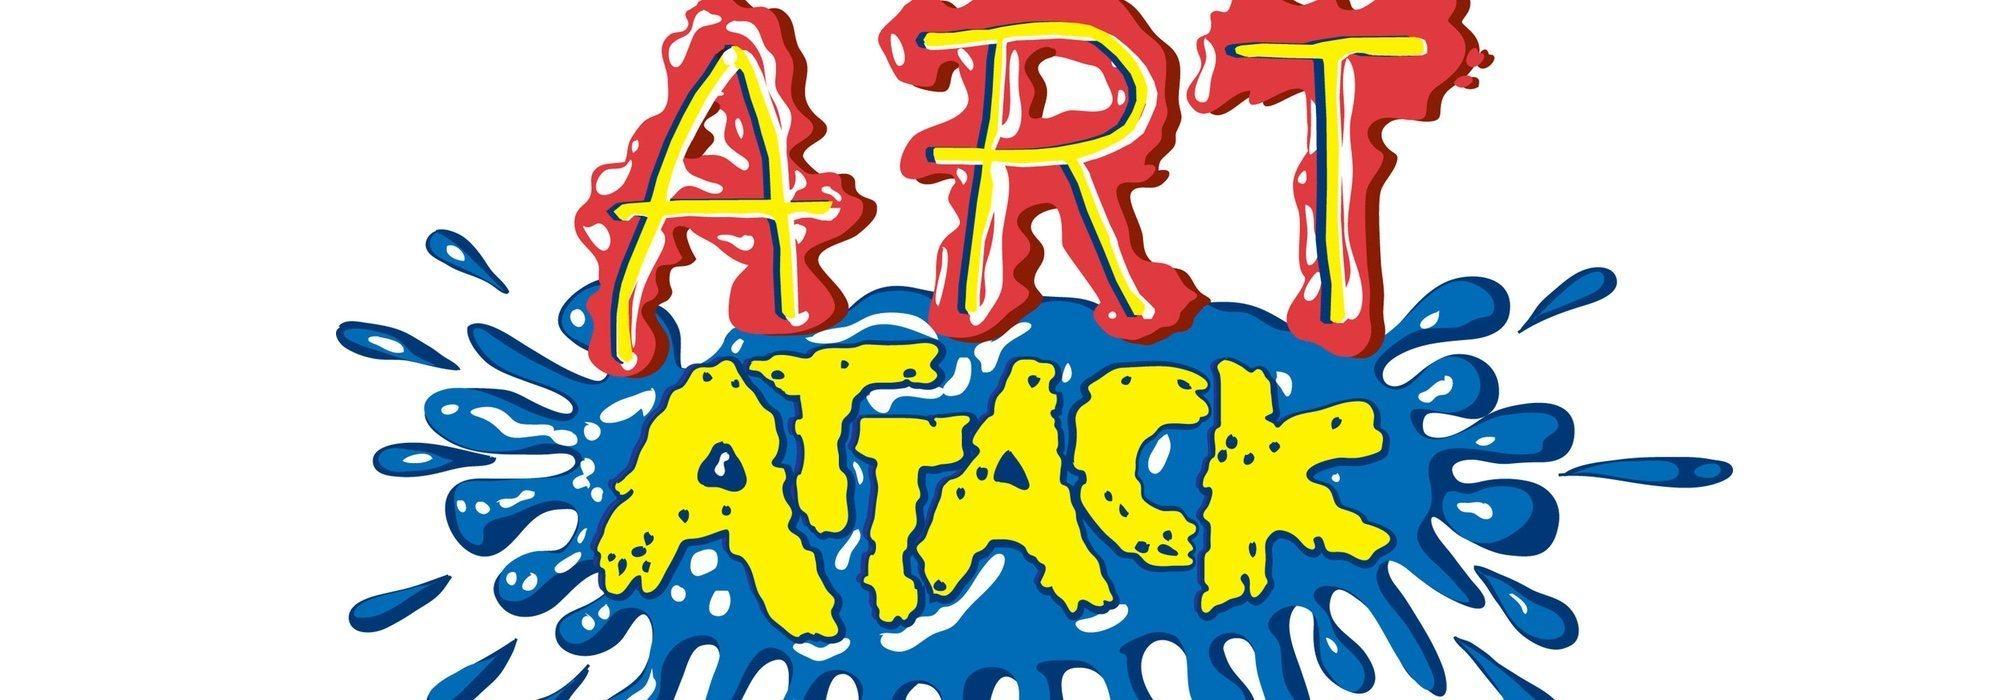 Art Attack de Disney